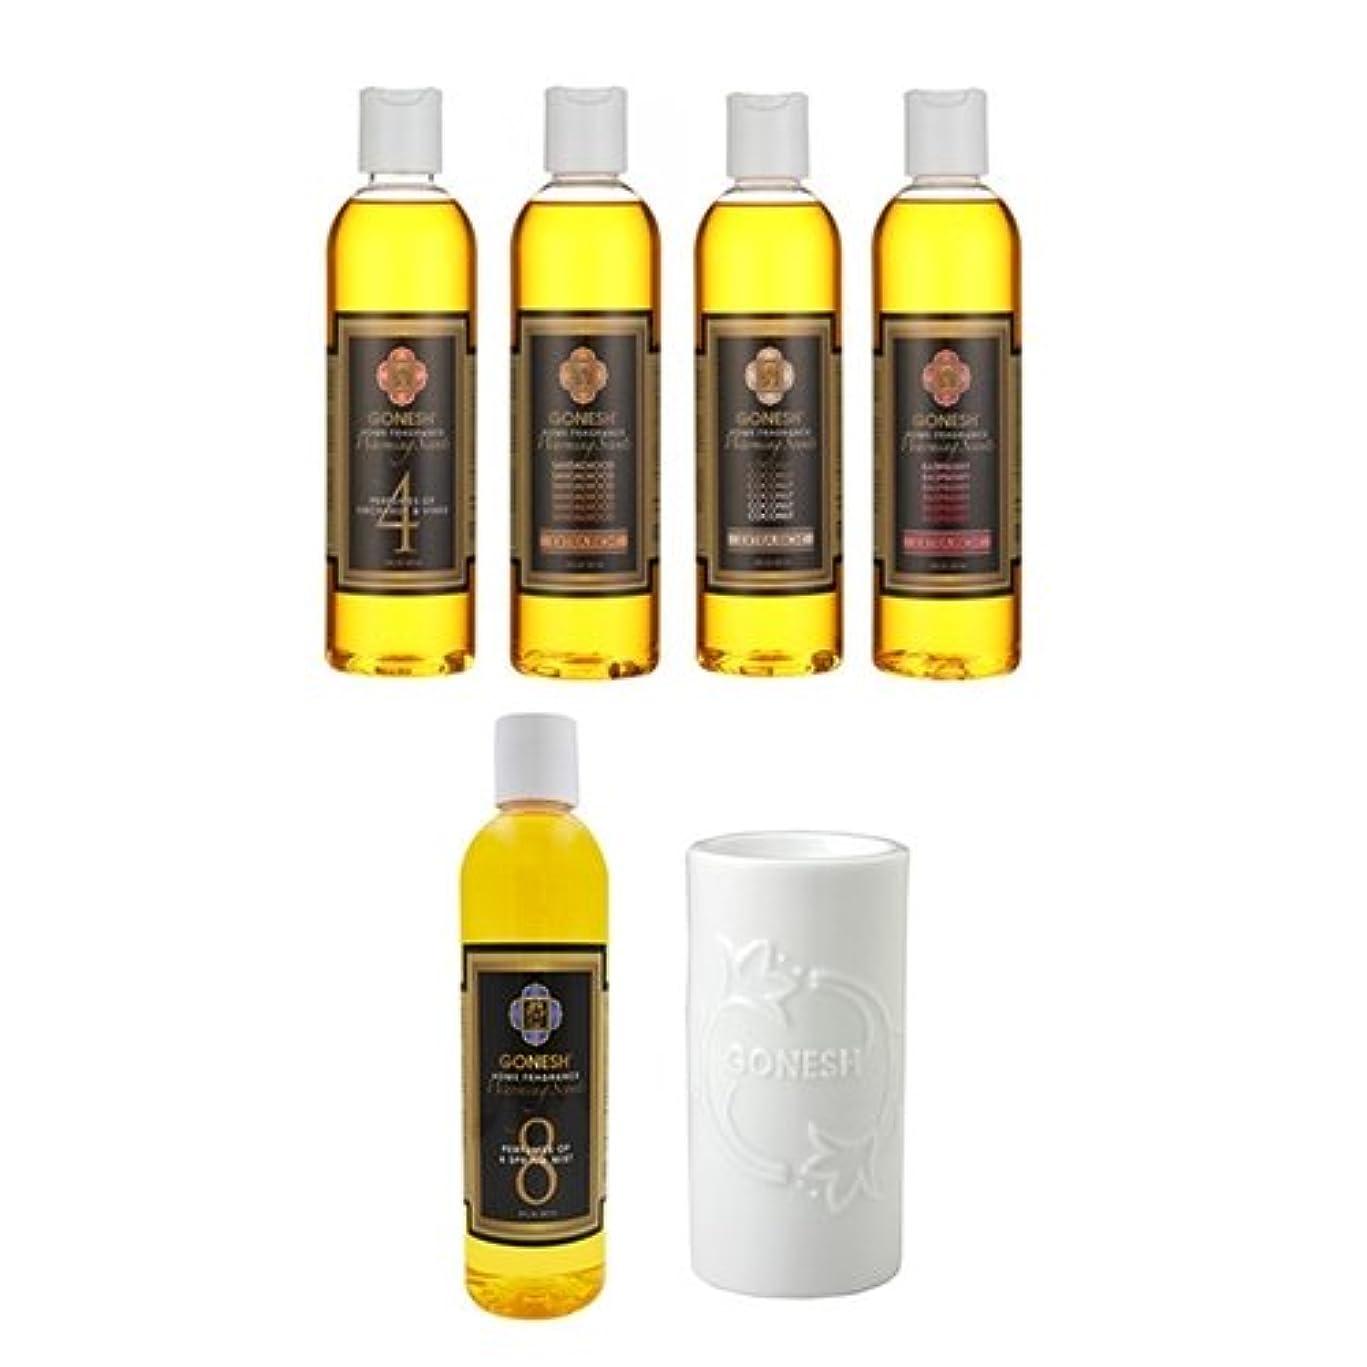 オート早いスクラップガーネッシュ GONESH ウォーミングセント5つ(No.4、8、COCONUT、RASPBERRY、SANDALWOOD) の香りが楽しめるアロマバーナーセット 日本国内正規品